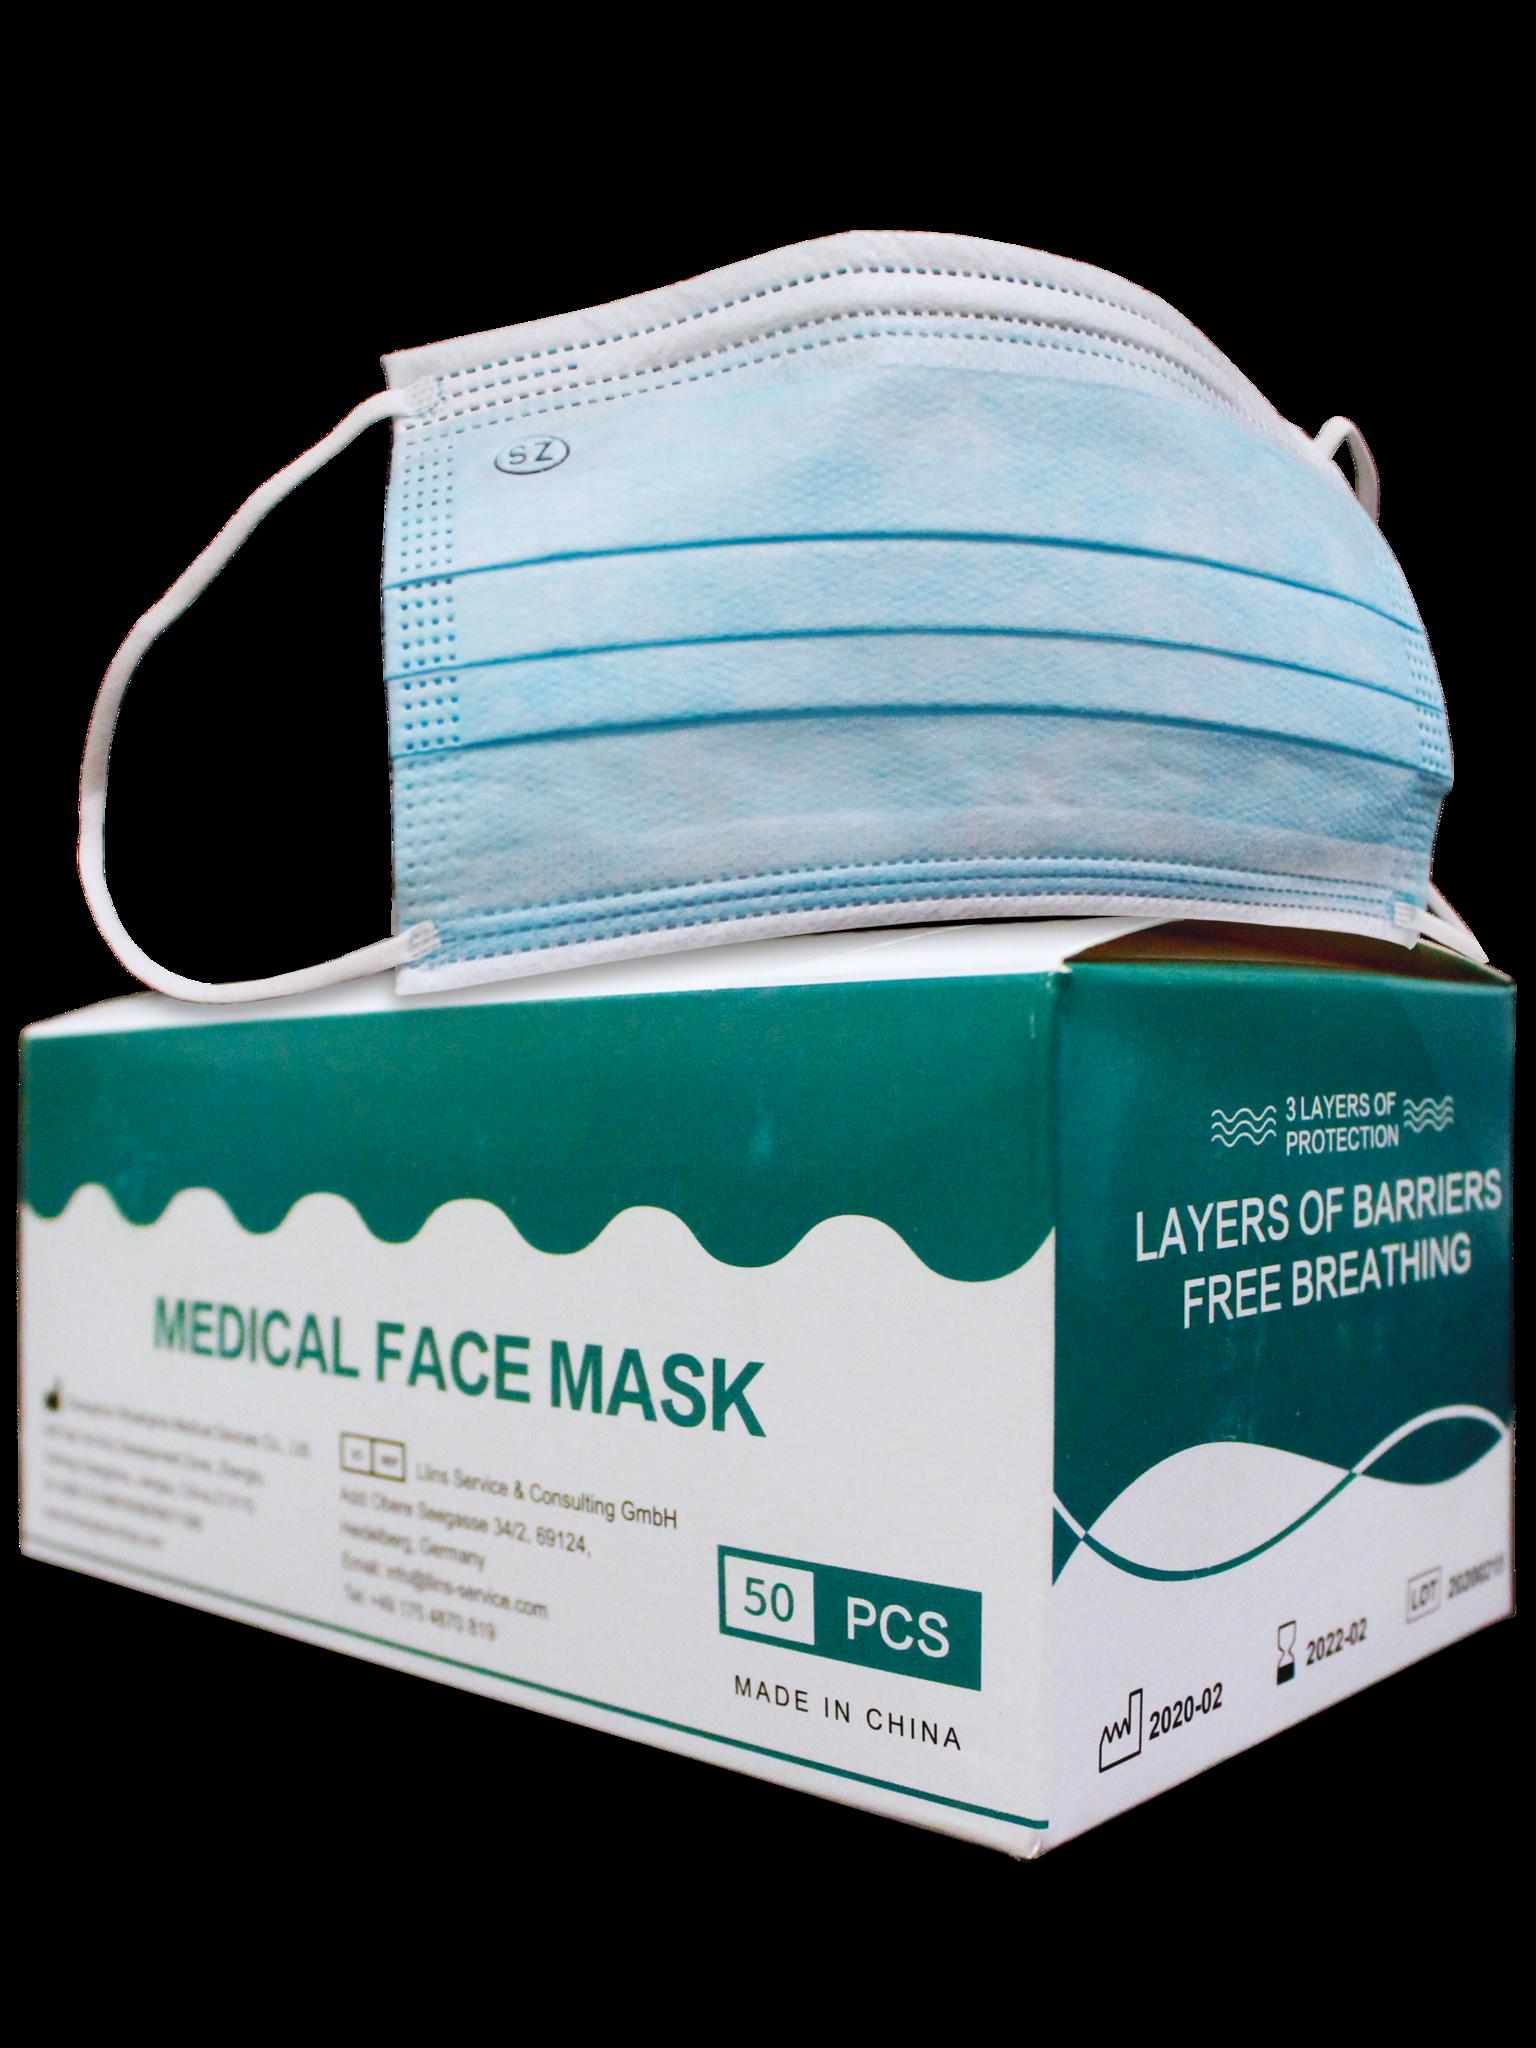 Box of 50 Medical Face Masks